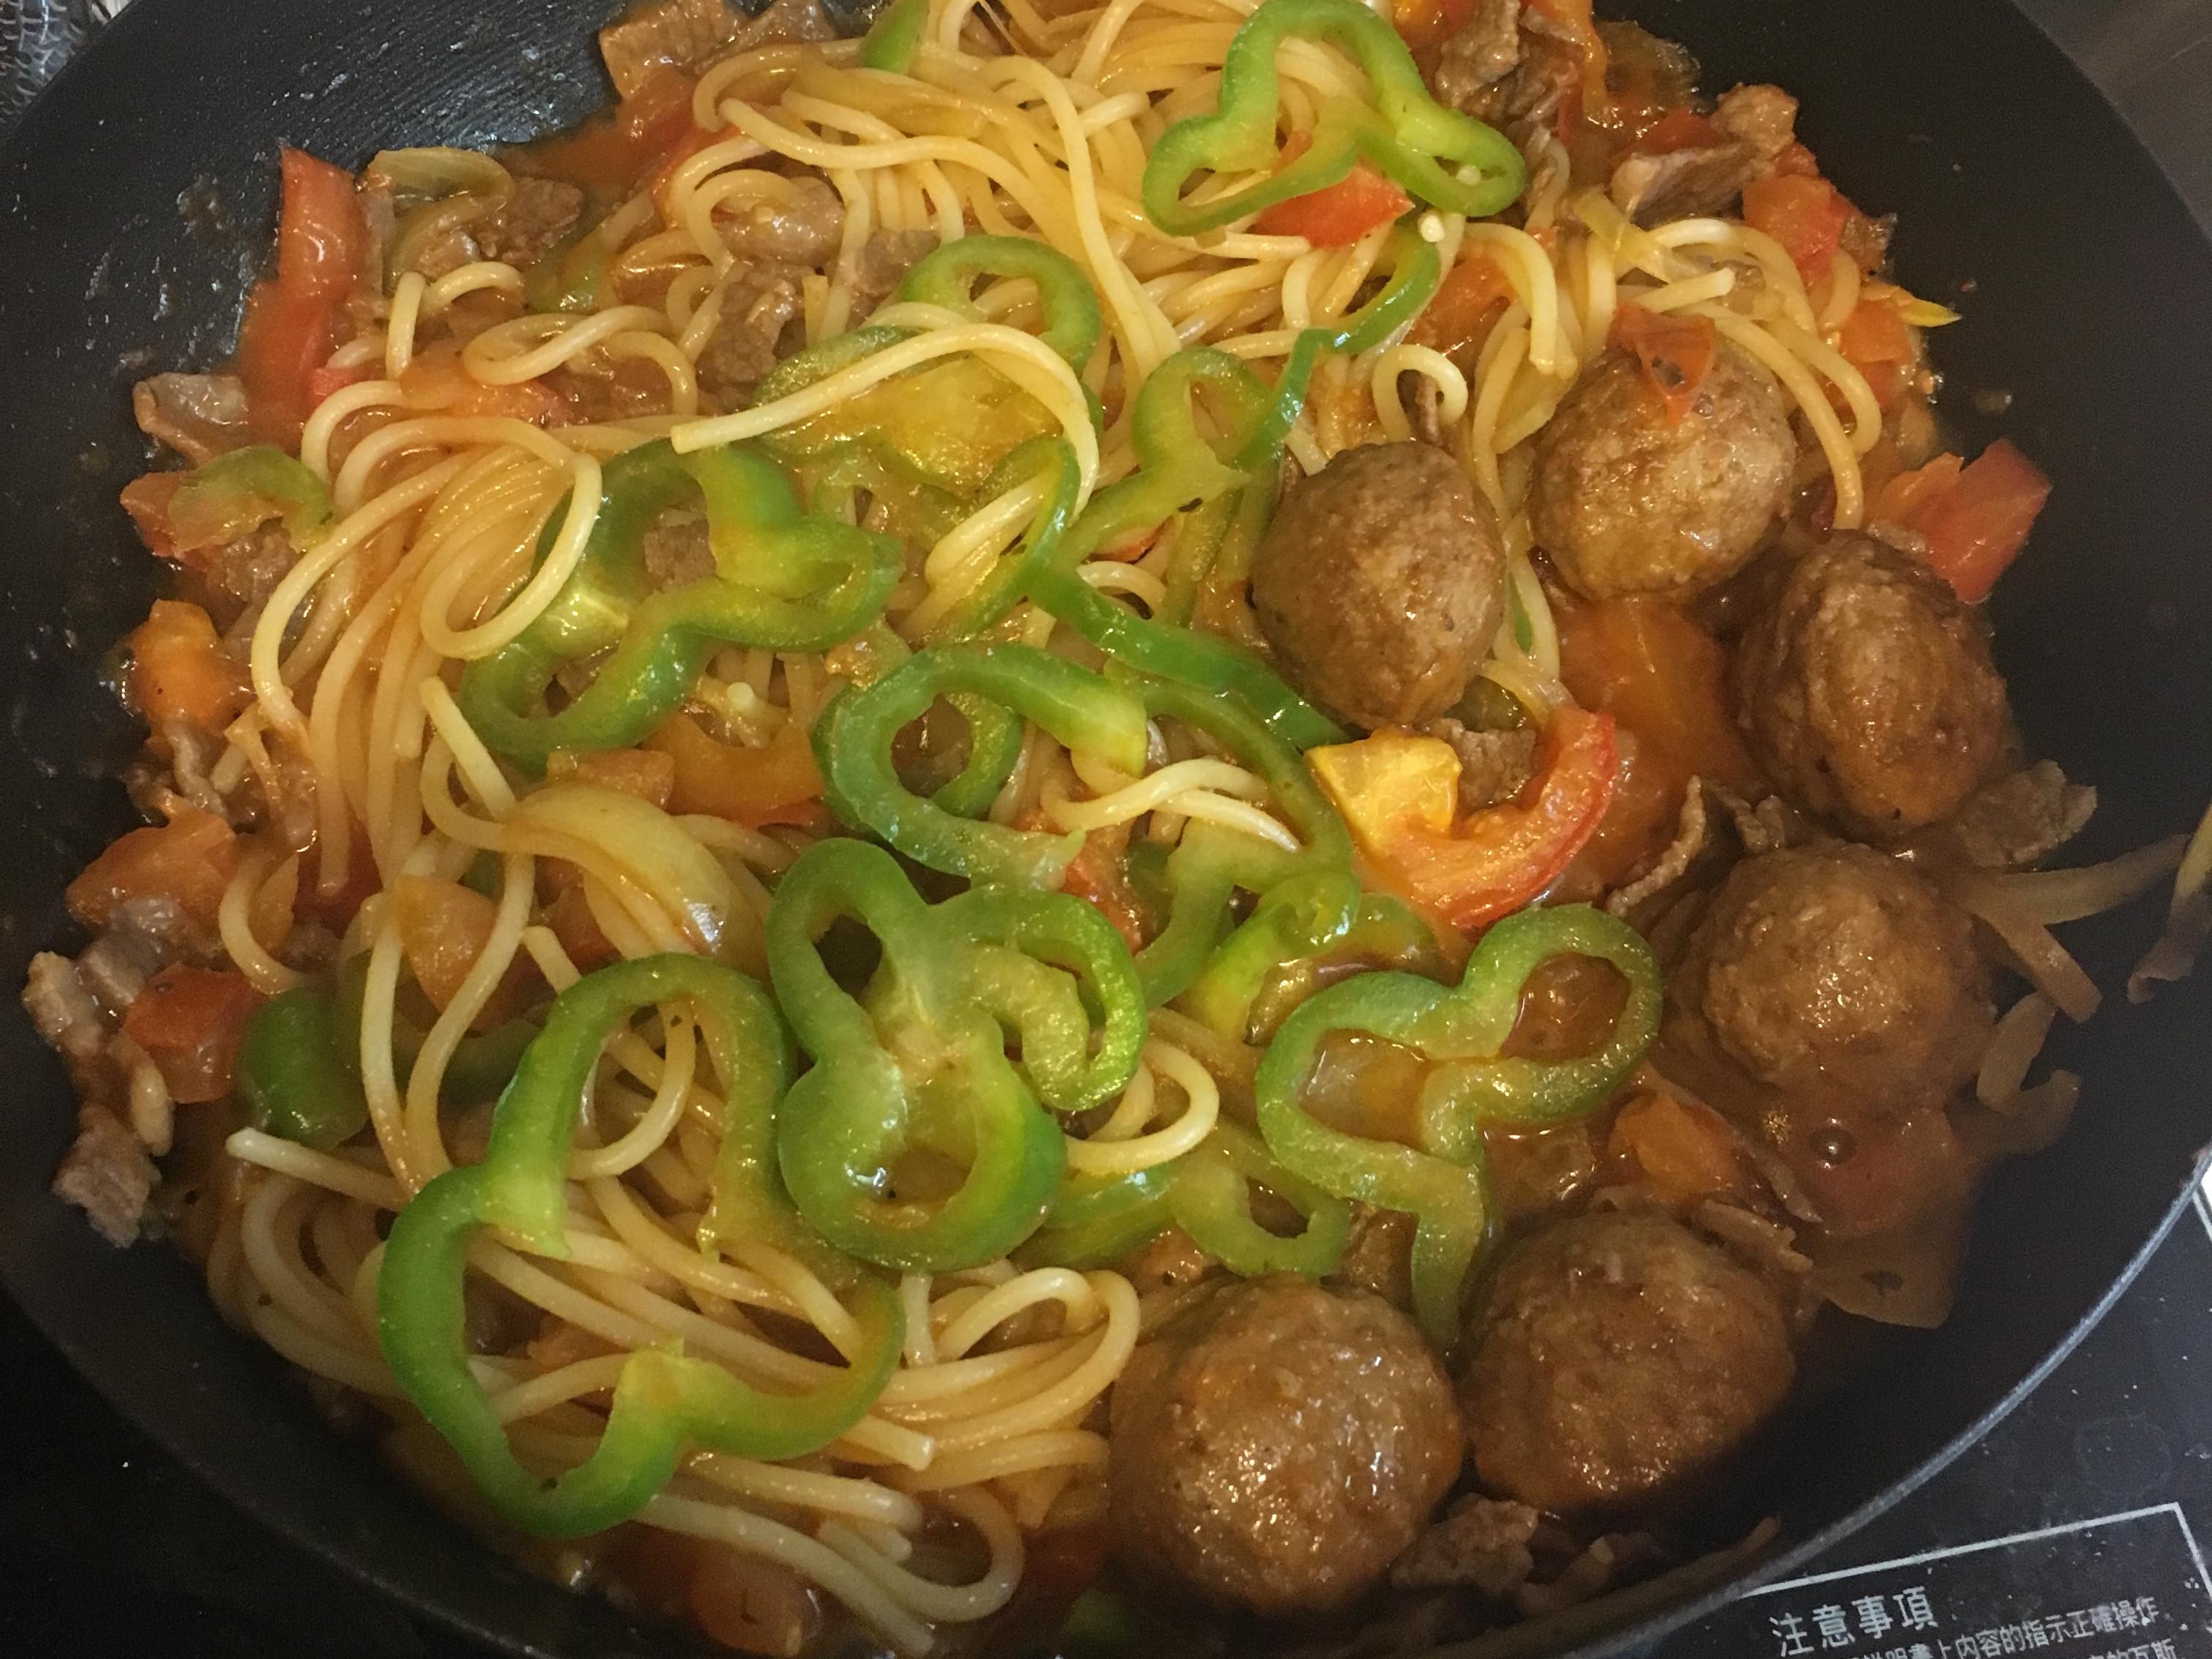 一鍋 日式/台式 義大利麵